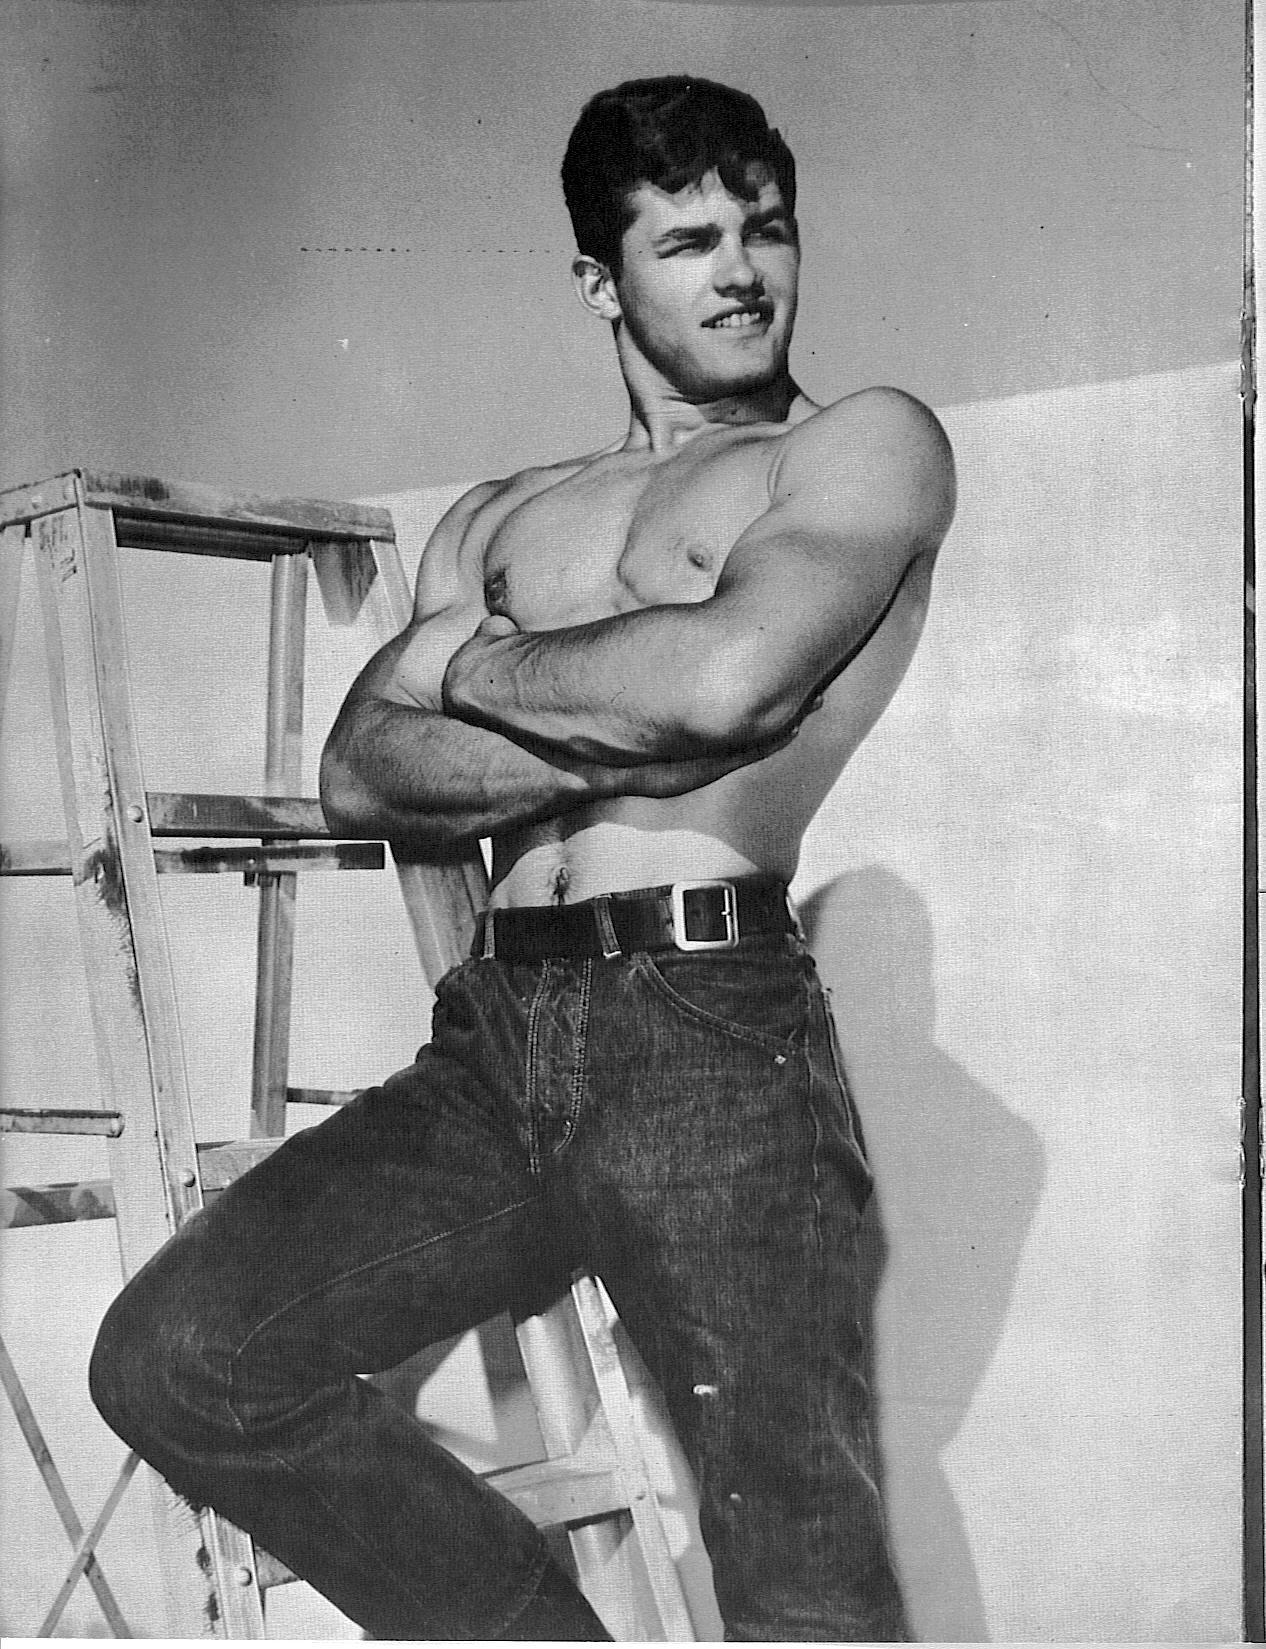 Vintage Beefcake Brian idol